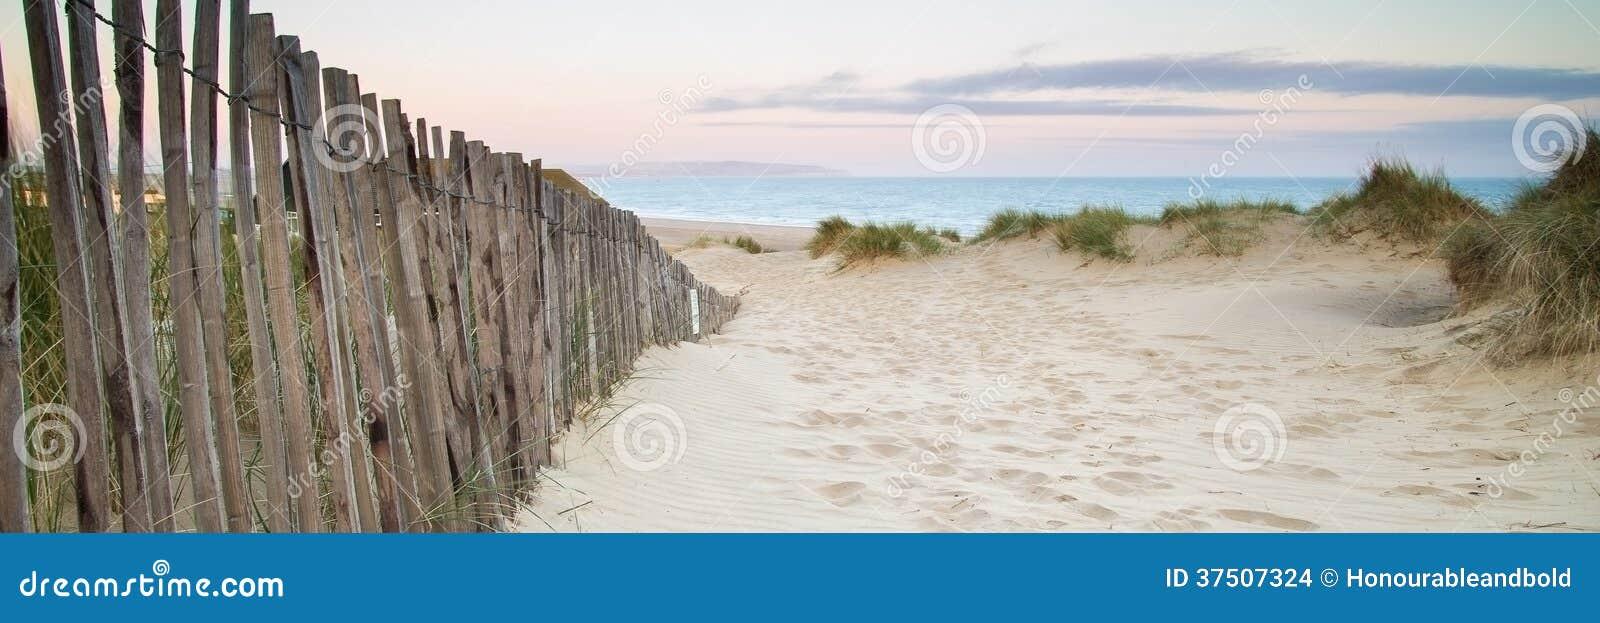 Panoramalandskap av systemet för sanddyn på stranden på soluppgång